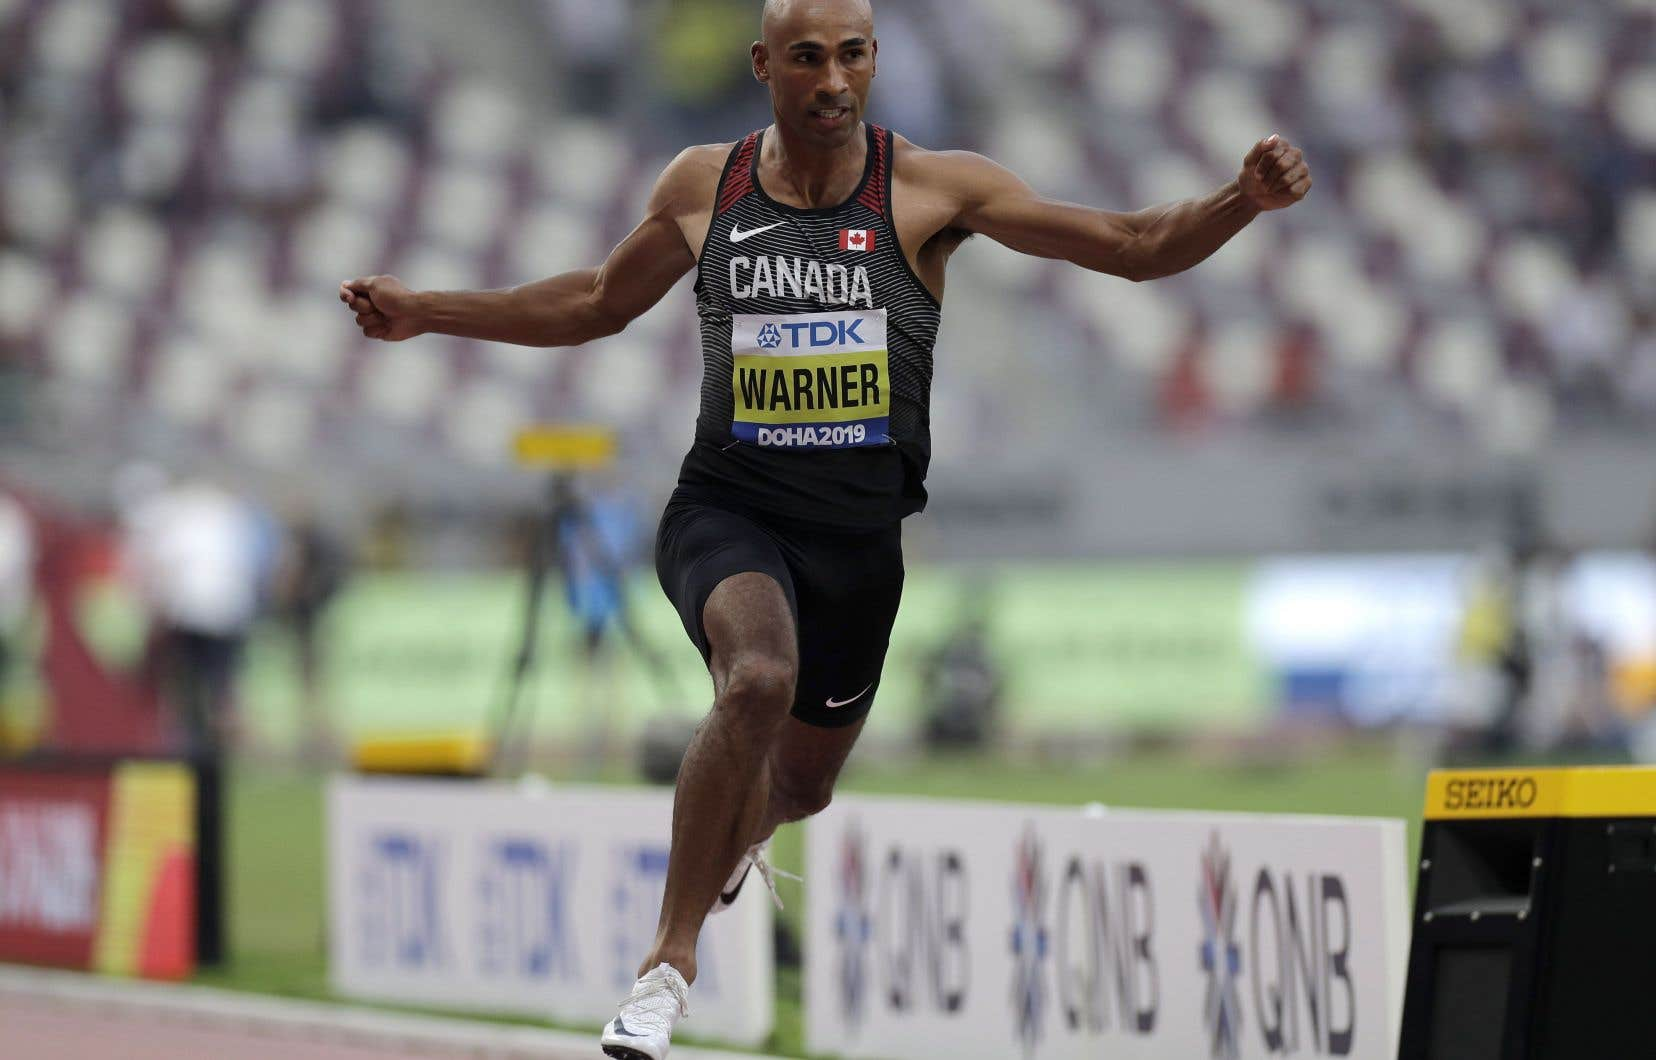 Damian Warner du Canada participe à la course de décathlon masculine de 100 mètres aux Championnats du monde d'athlétisme à Doha au Qatar.